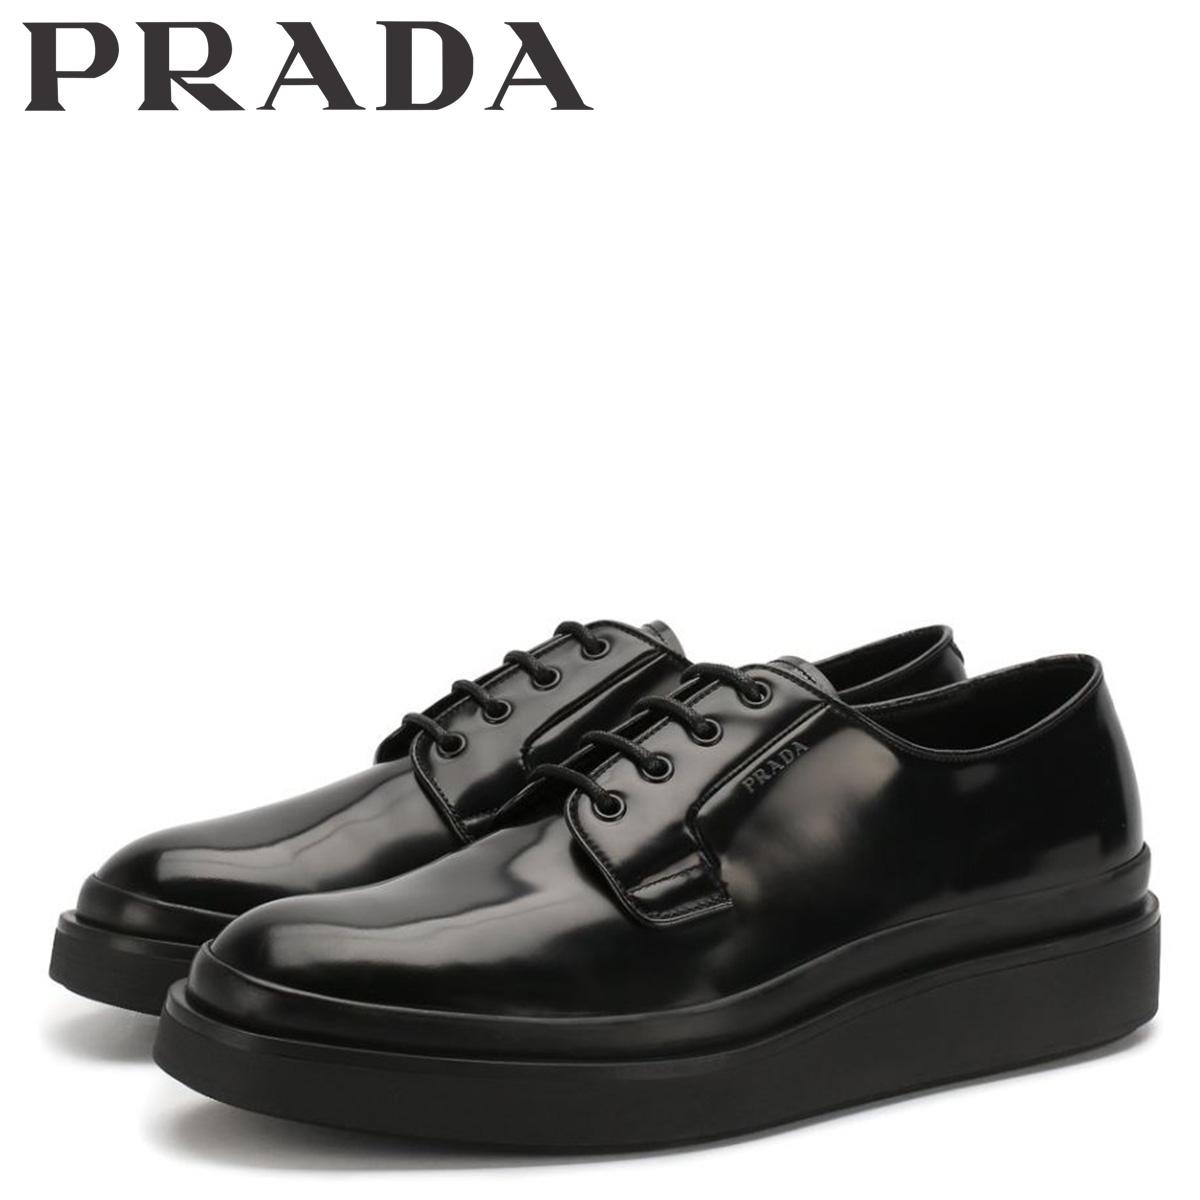 プラダ PRADA シューズ ビジネスシューズ メンズ HIGH SOLE LACE UP ブラック 黒 2EE311 [3/3 新入荷]